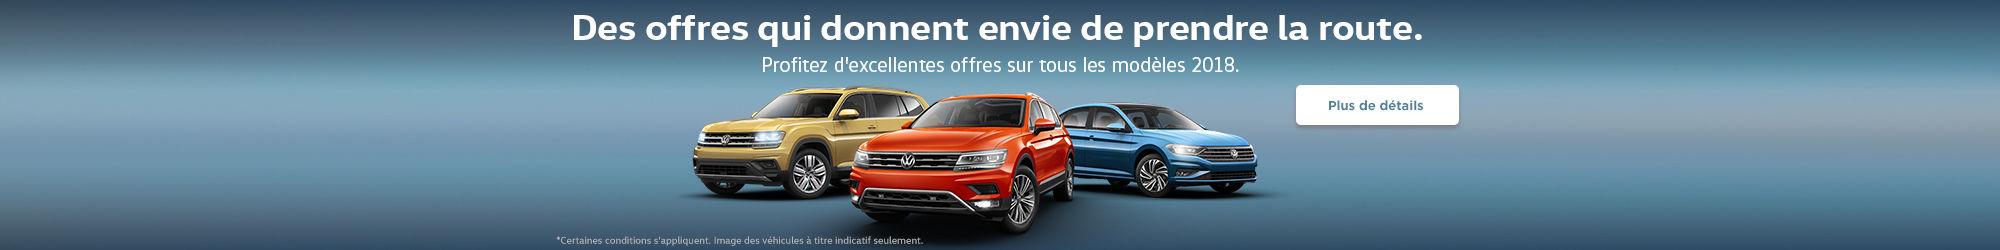 L'événement Volkswagen